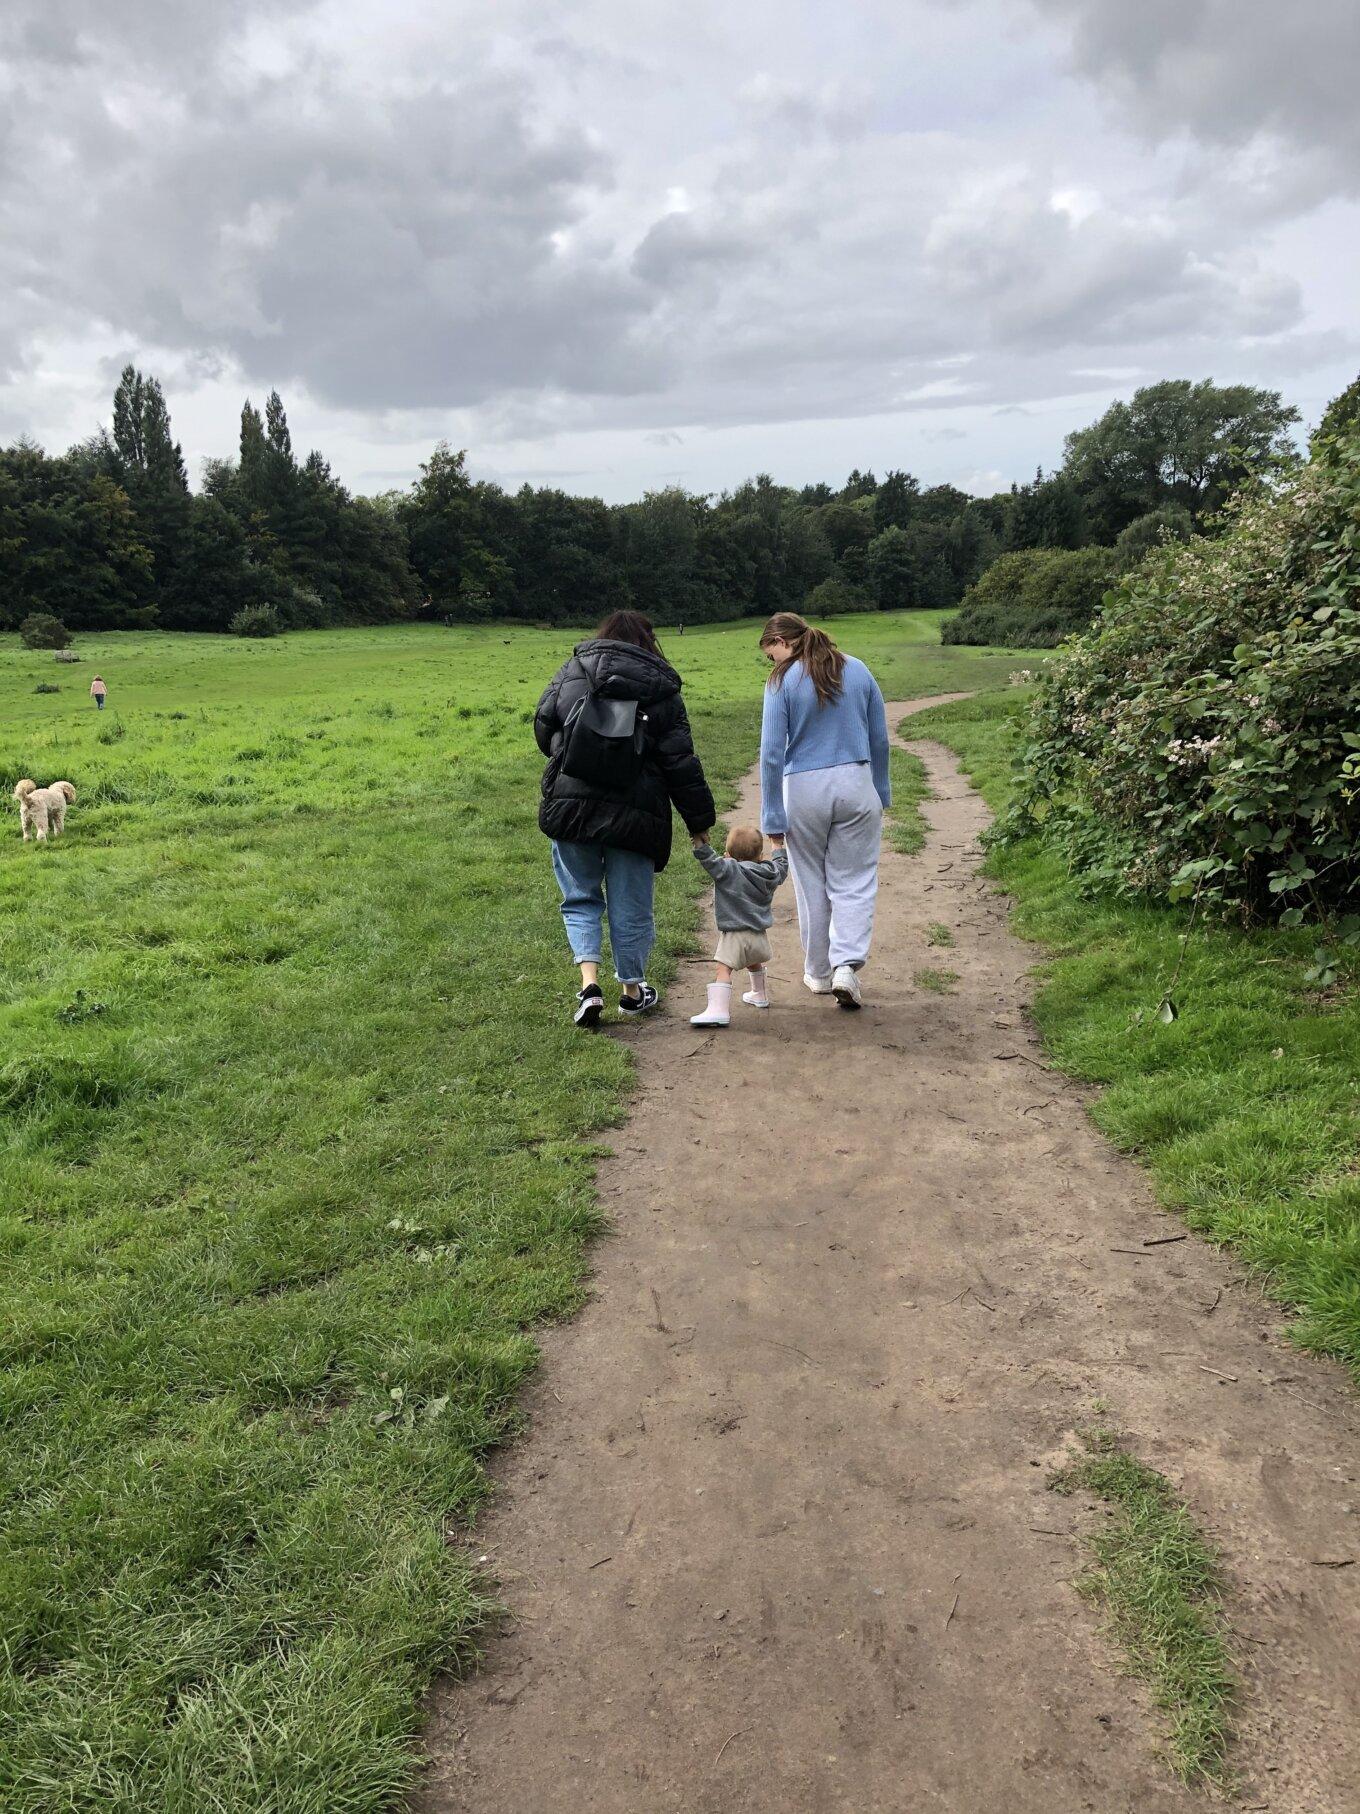 Weekend walks Image 1